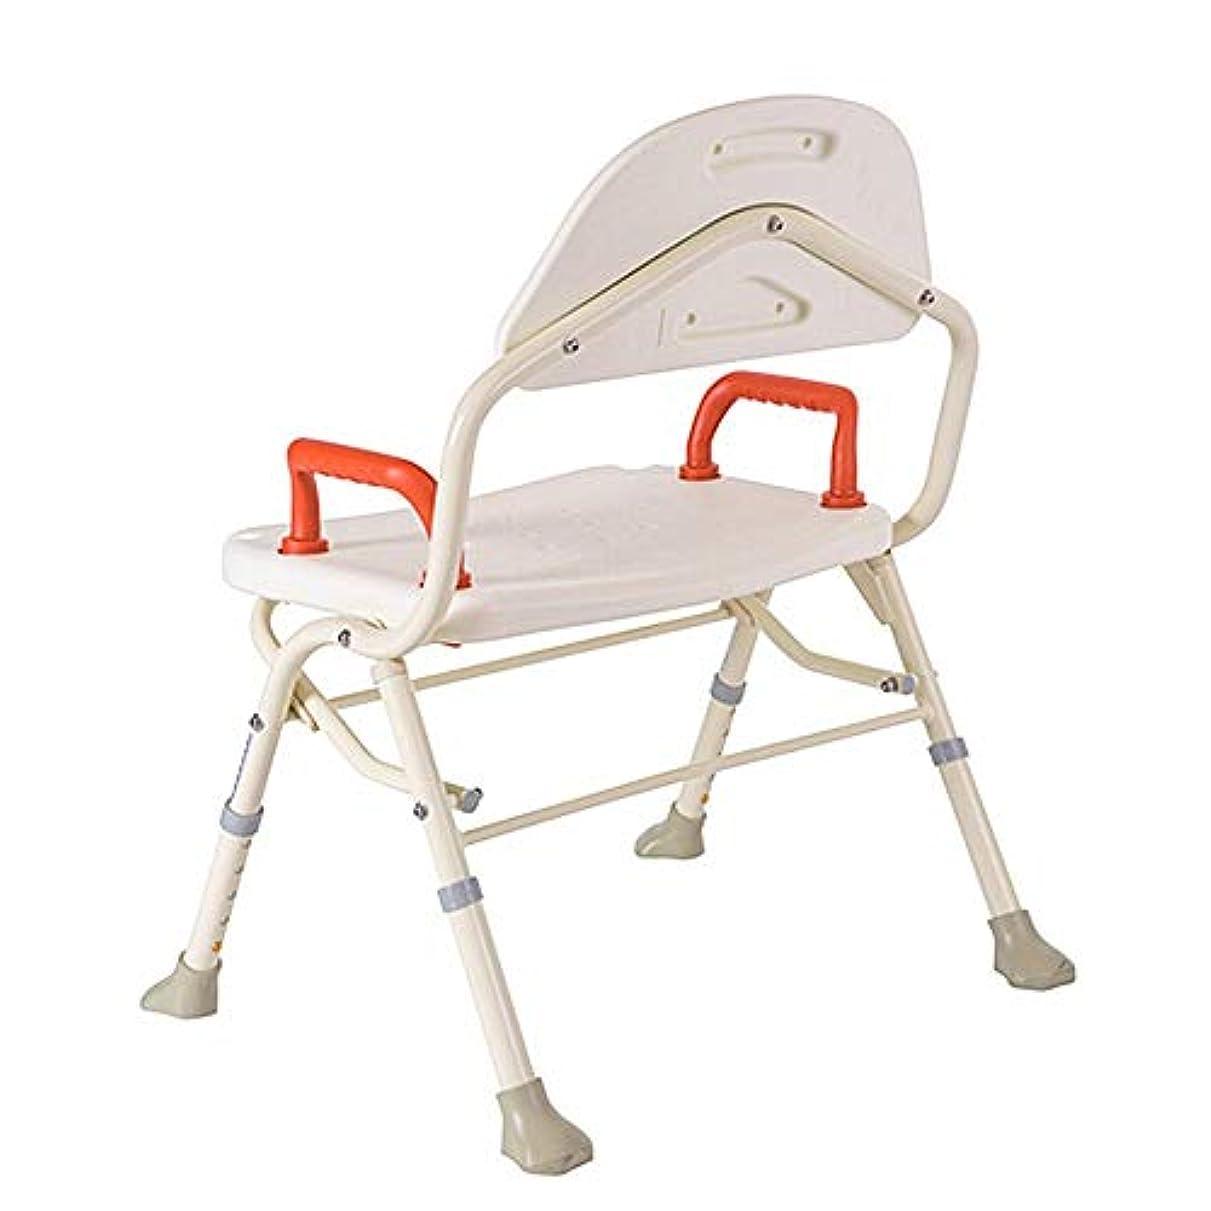 野ウサギ排他的世界の窓背もたれのあるシャワースツール、調節可能なシャワーシート、アーム付きのバスチェア、高齢者用のパッド入りシート、身体障害者の安定性